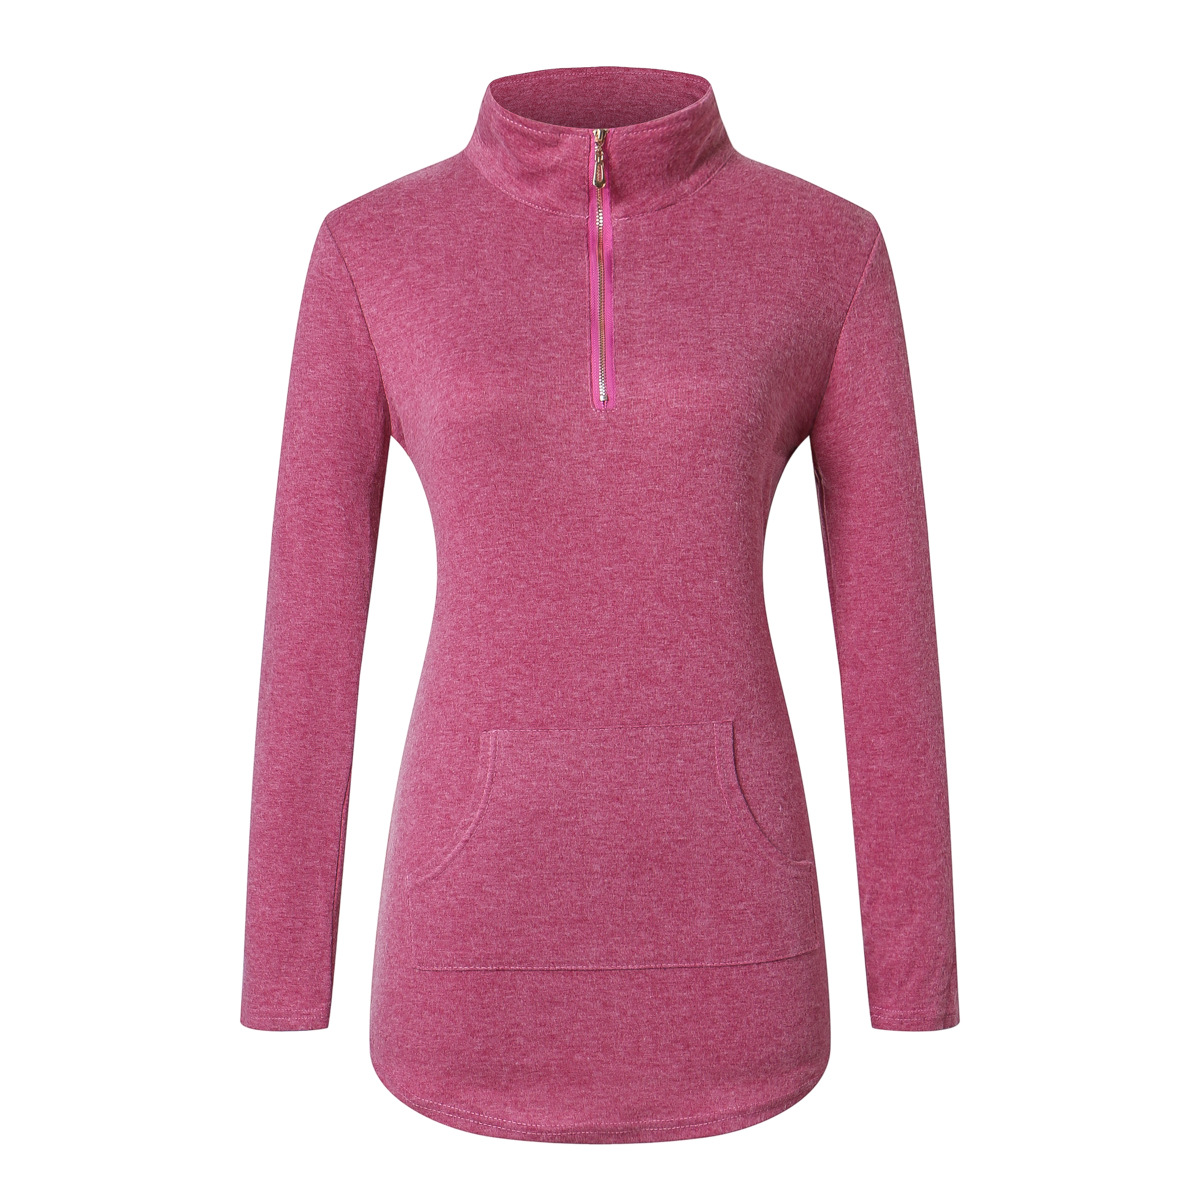 948ba15a Wanita T-shirt Lengan Panjang Wineter Tops Berdiri Collar Zipper Slim  Pinggang Kantong Padat New Fashion Gaya Eropa Pakaian Mendapat Penjualan